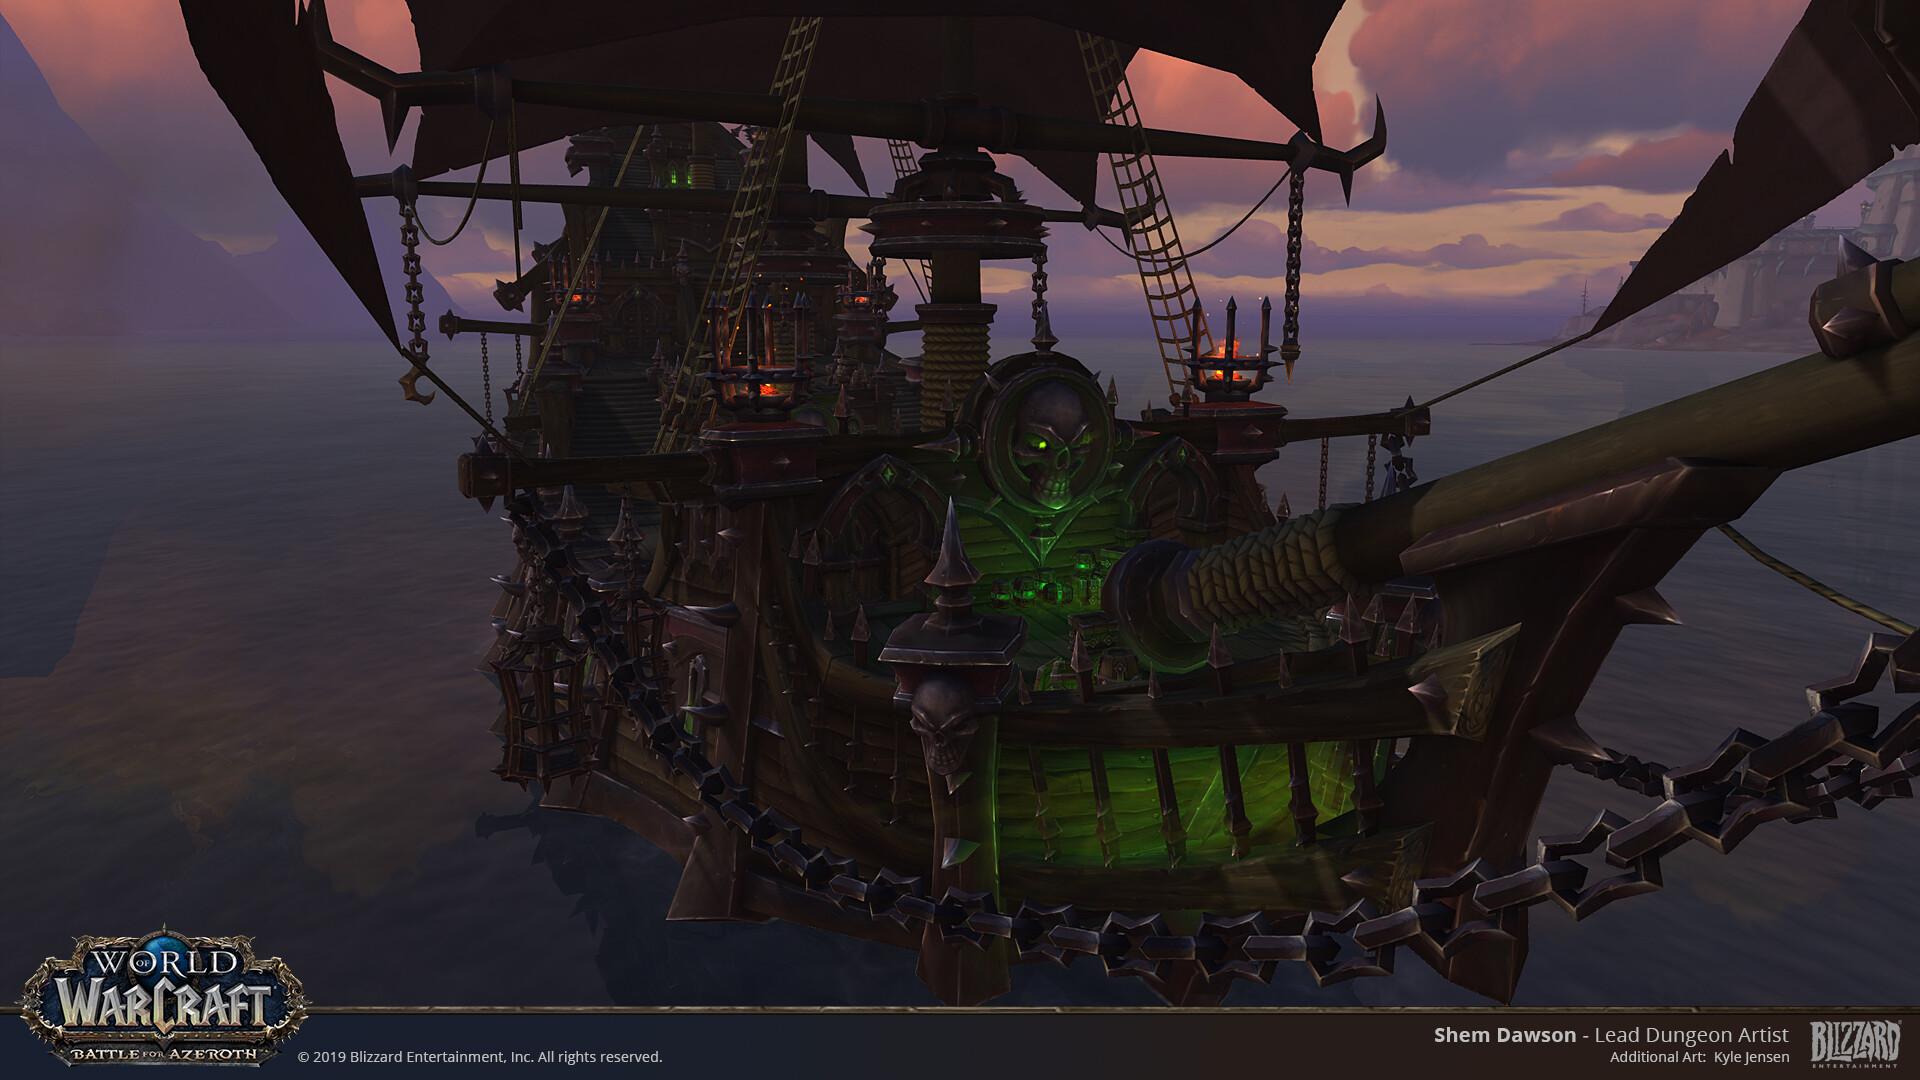 Shem dawson forskaen ship image03